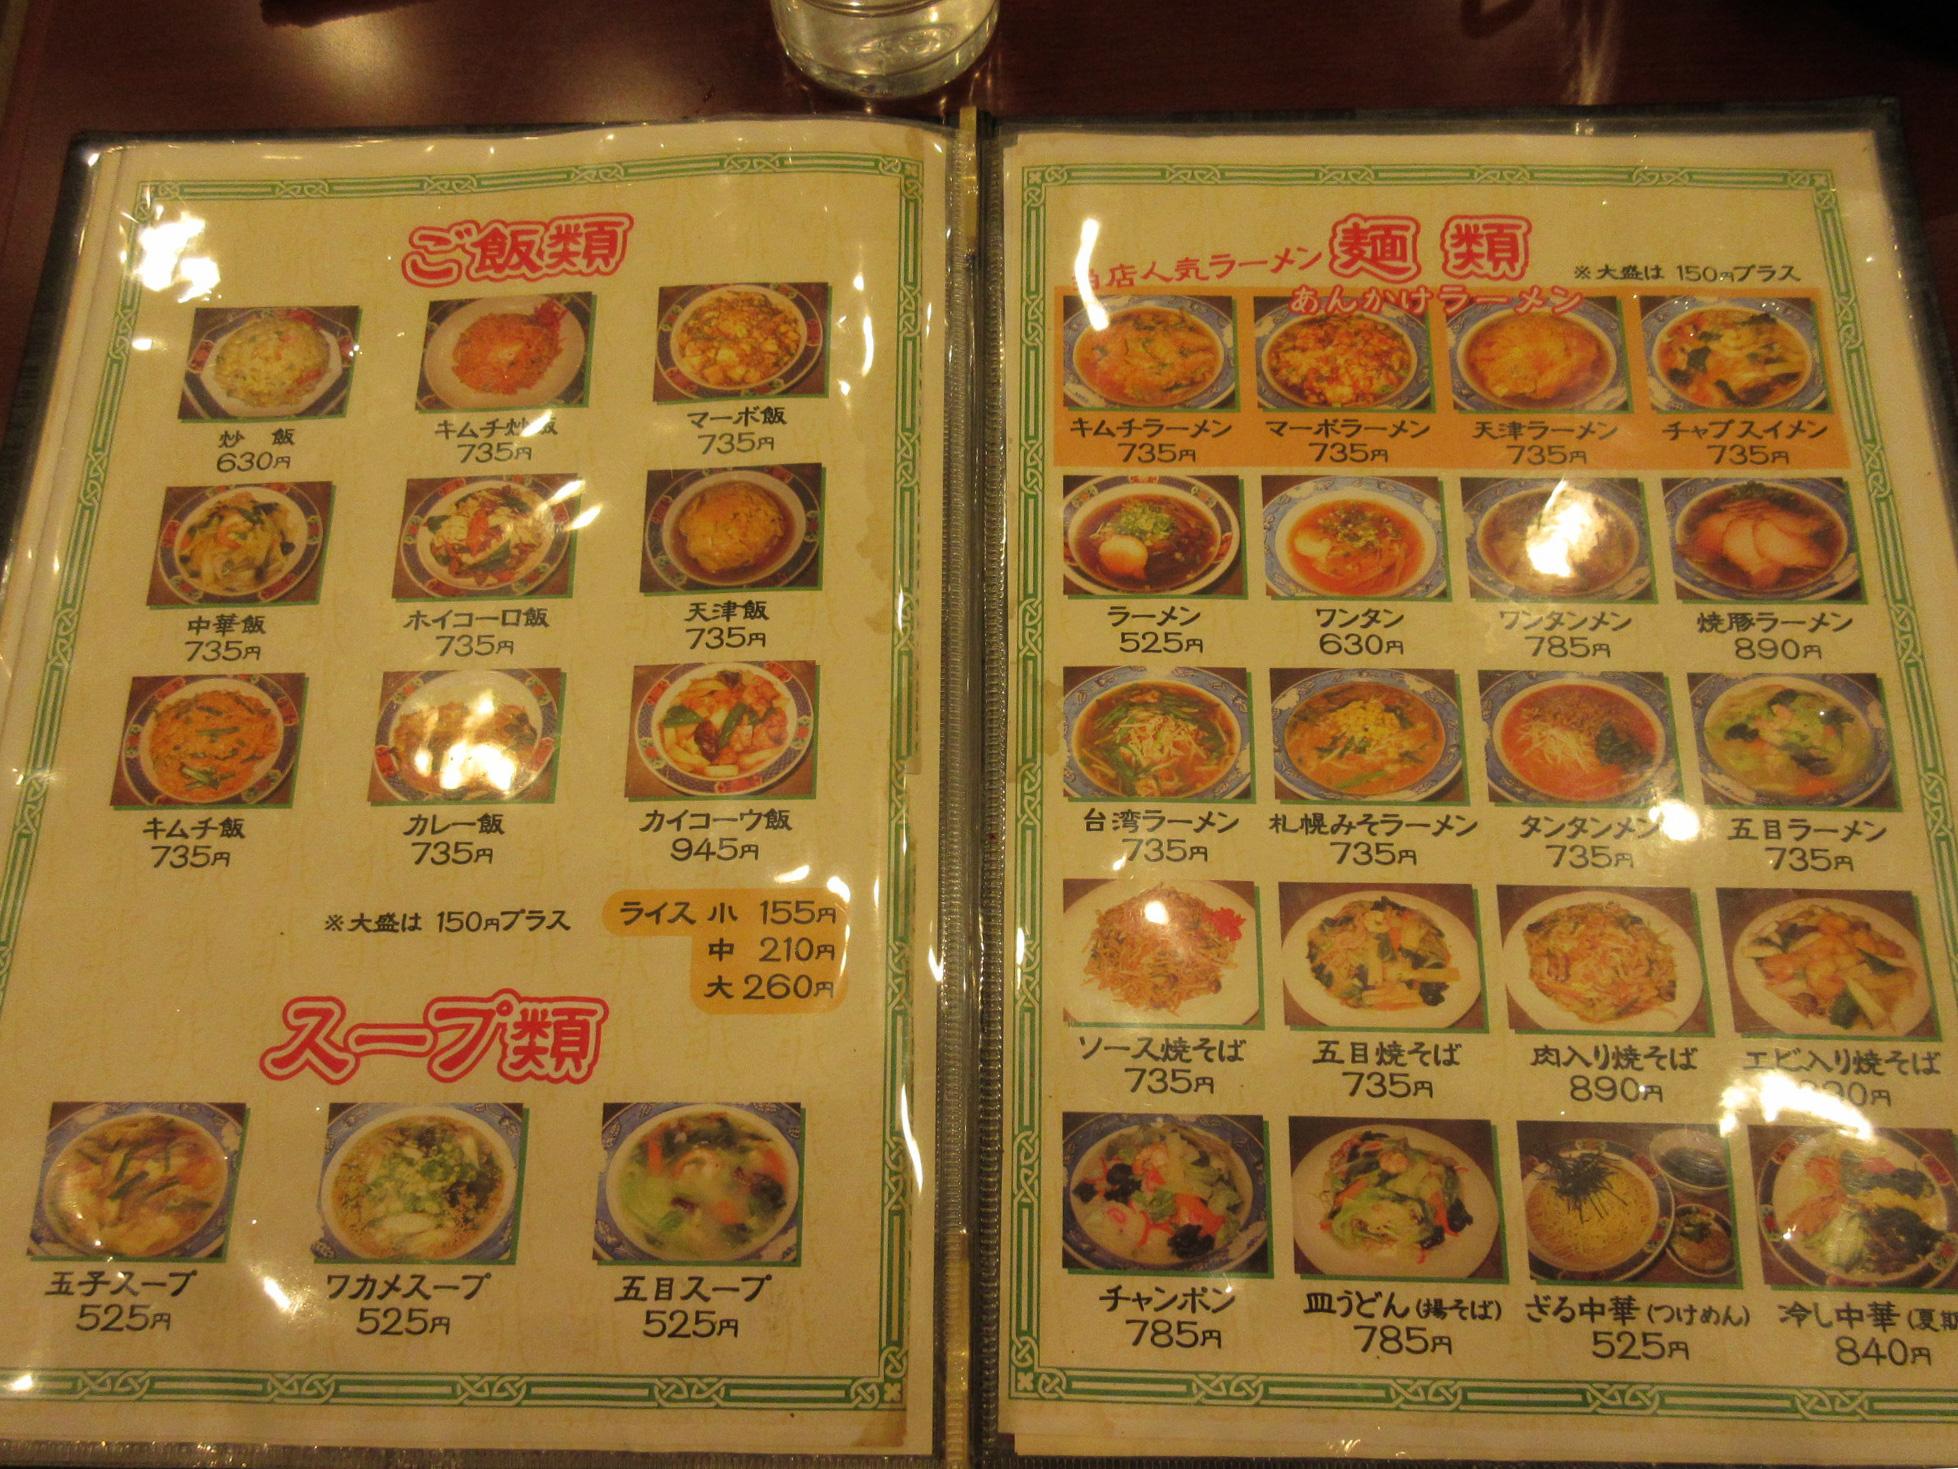 メニュー 飯・麺・スープ類